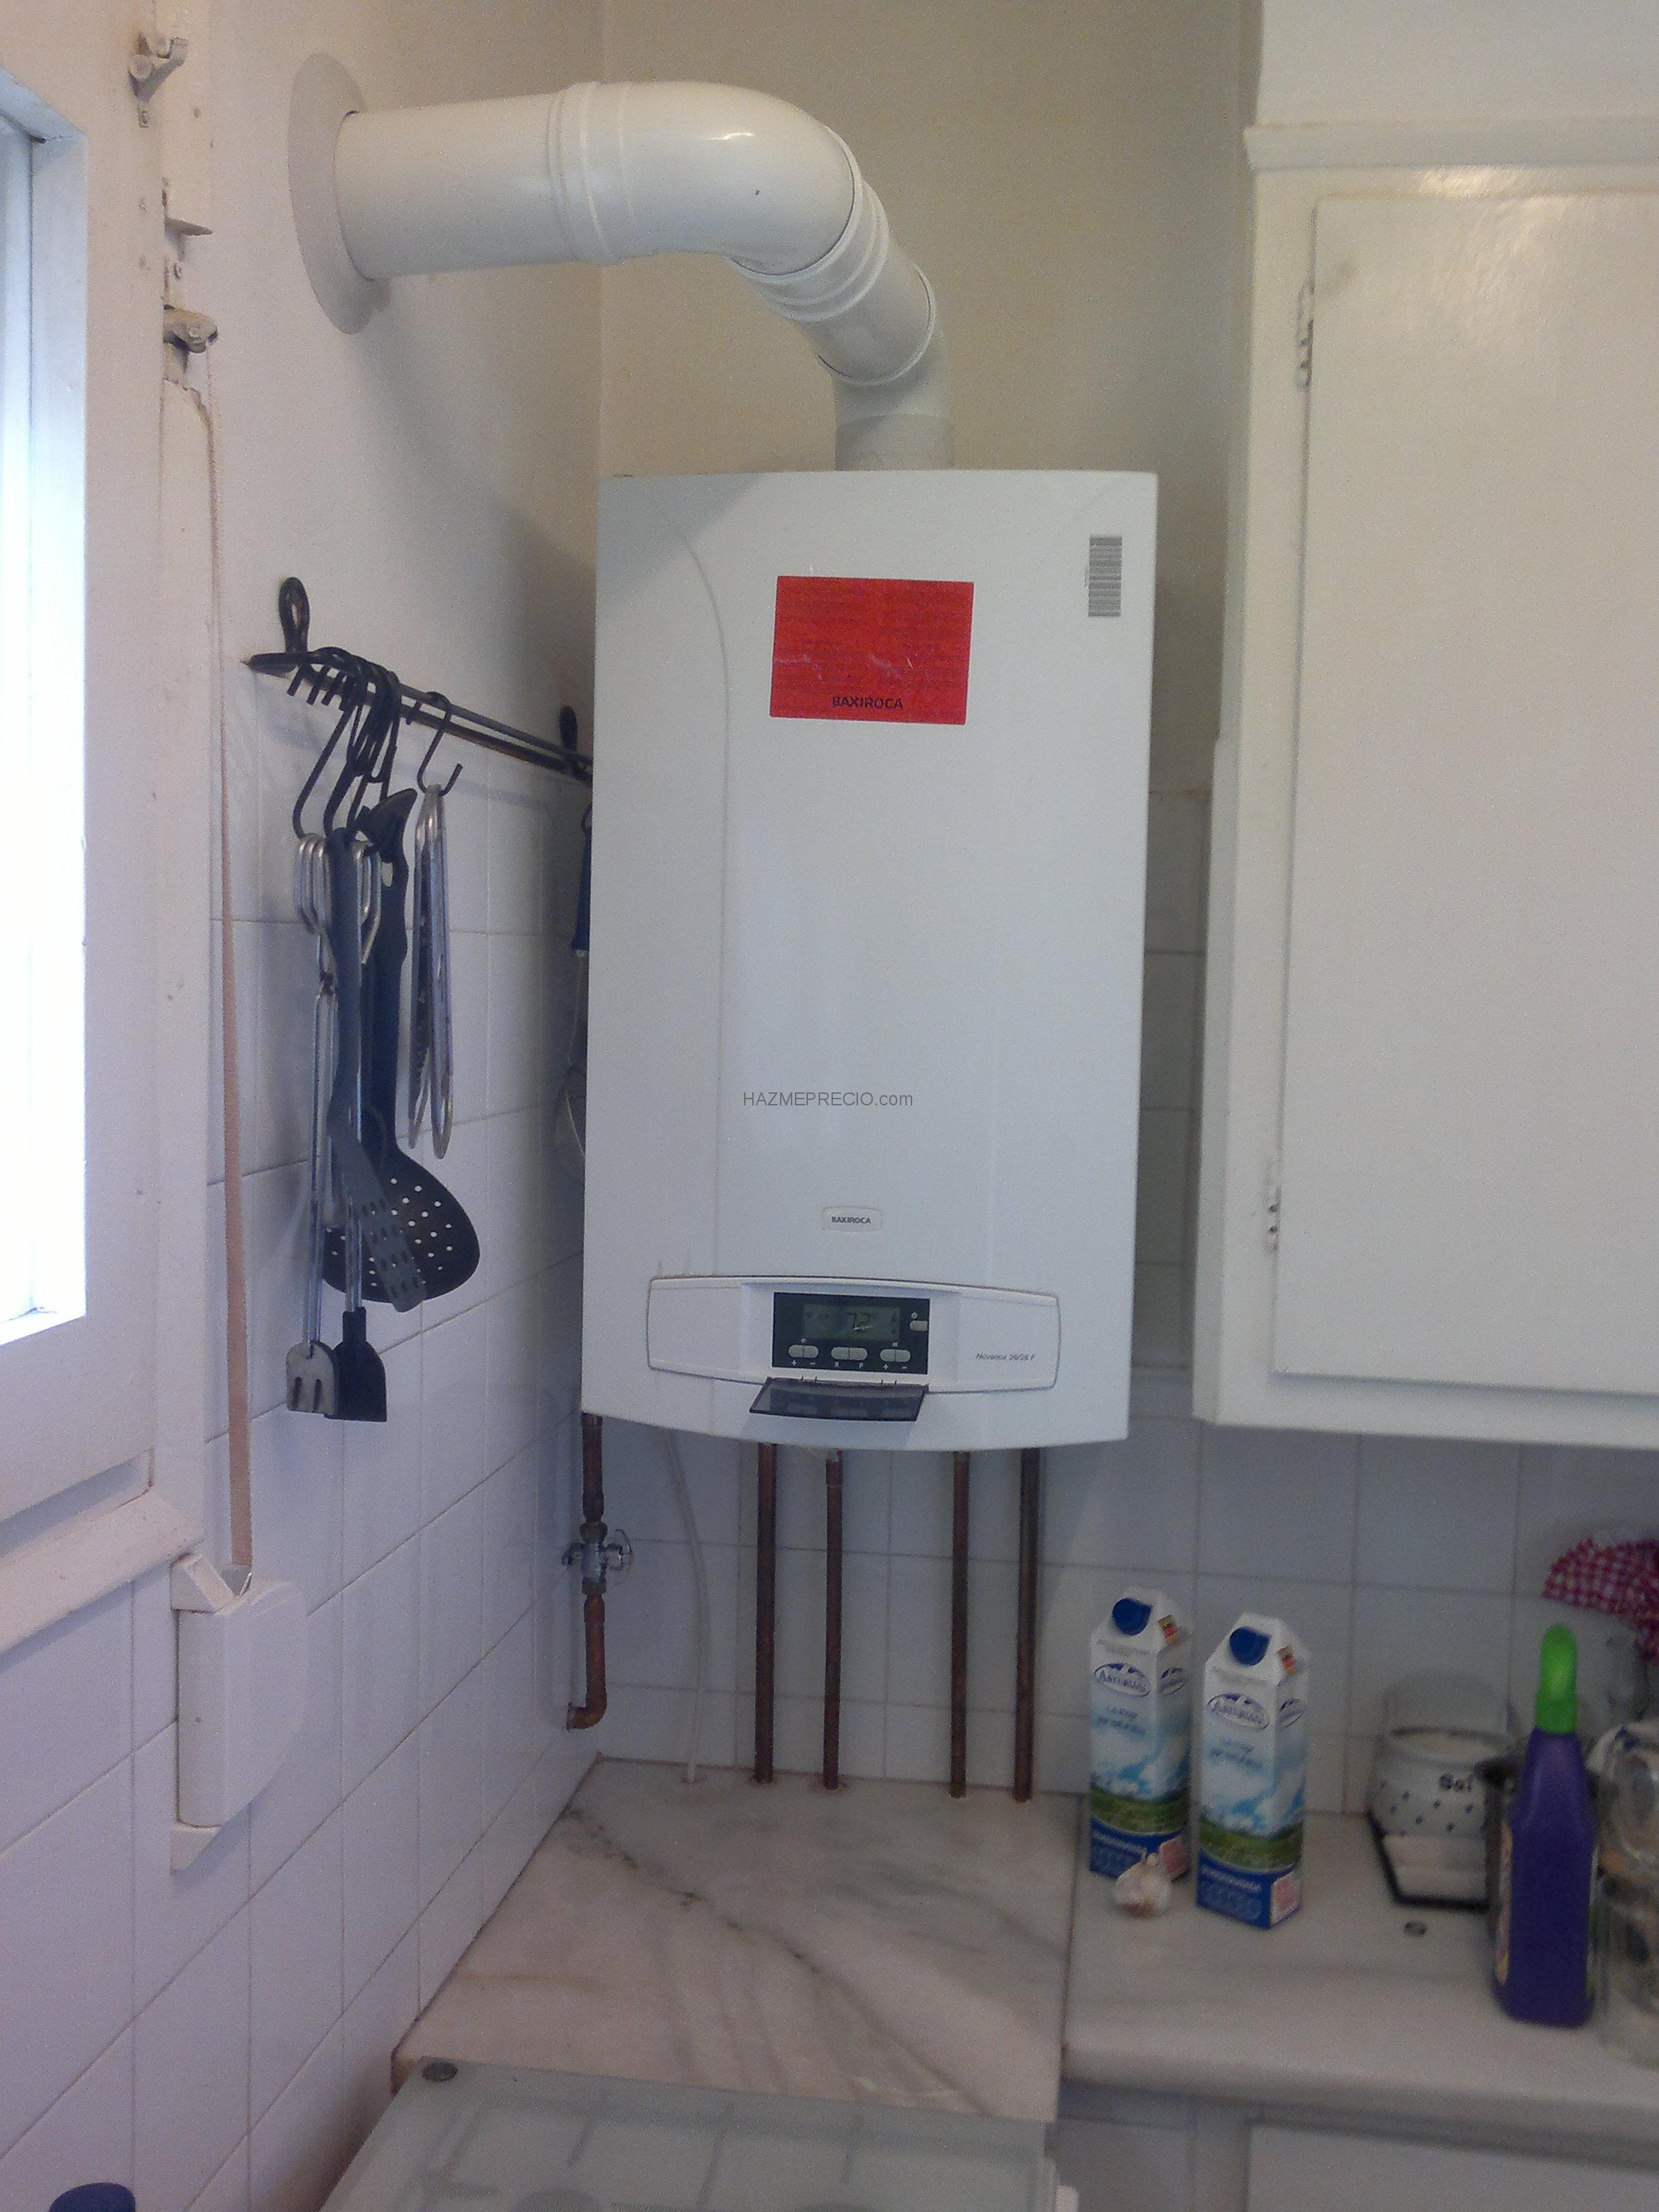 Presupuesto para cambiar el calentador de gas natural por - Instalacion calentador gas natural ...